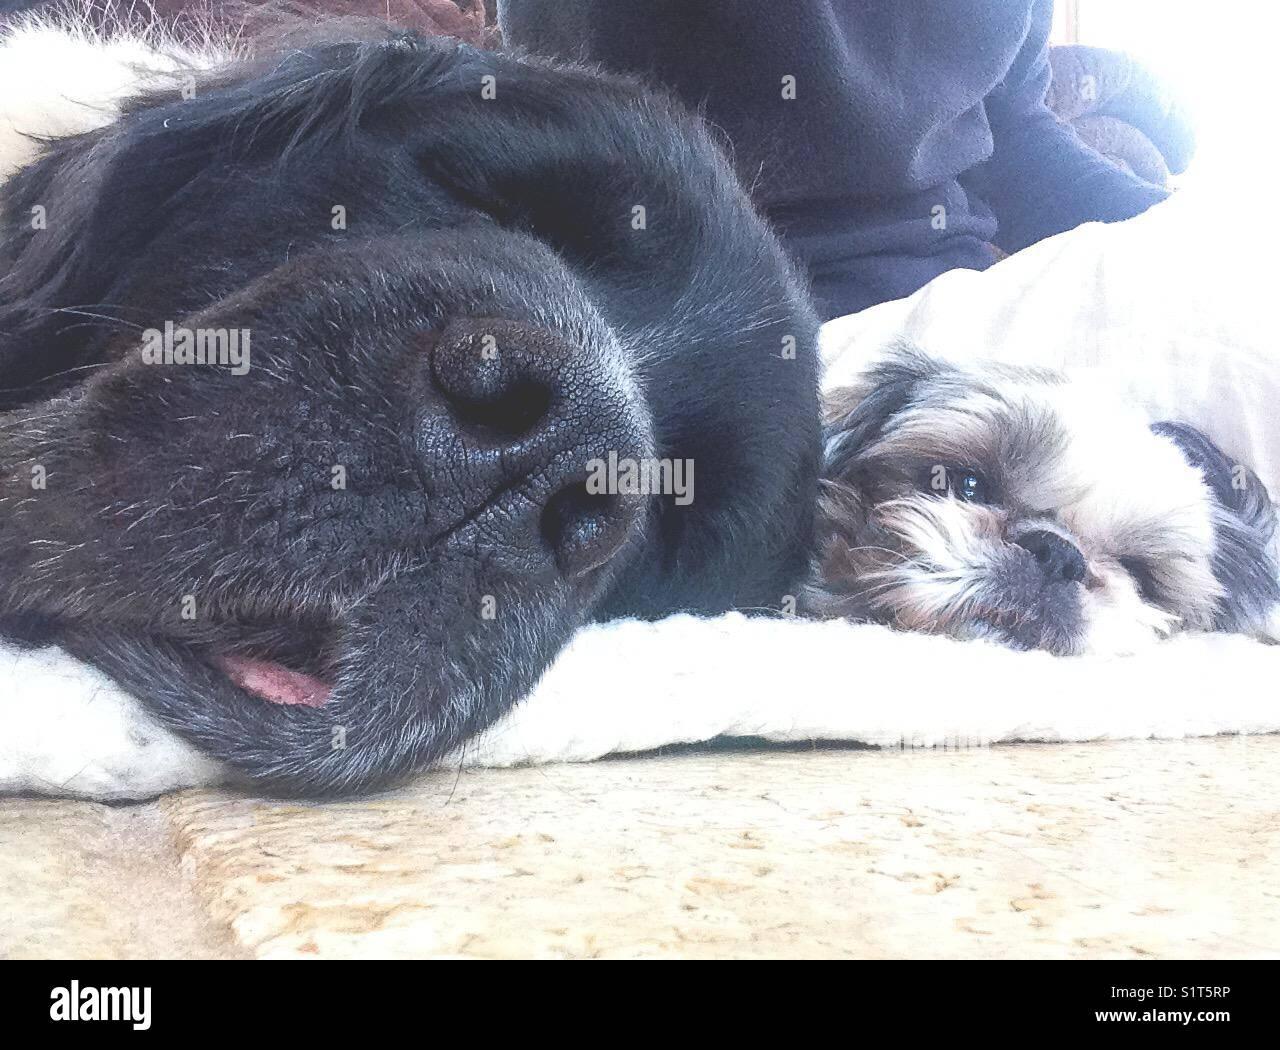 Big dog sleeping next to little dog - Stock Image